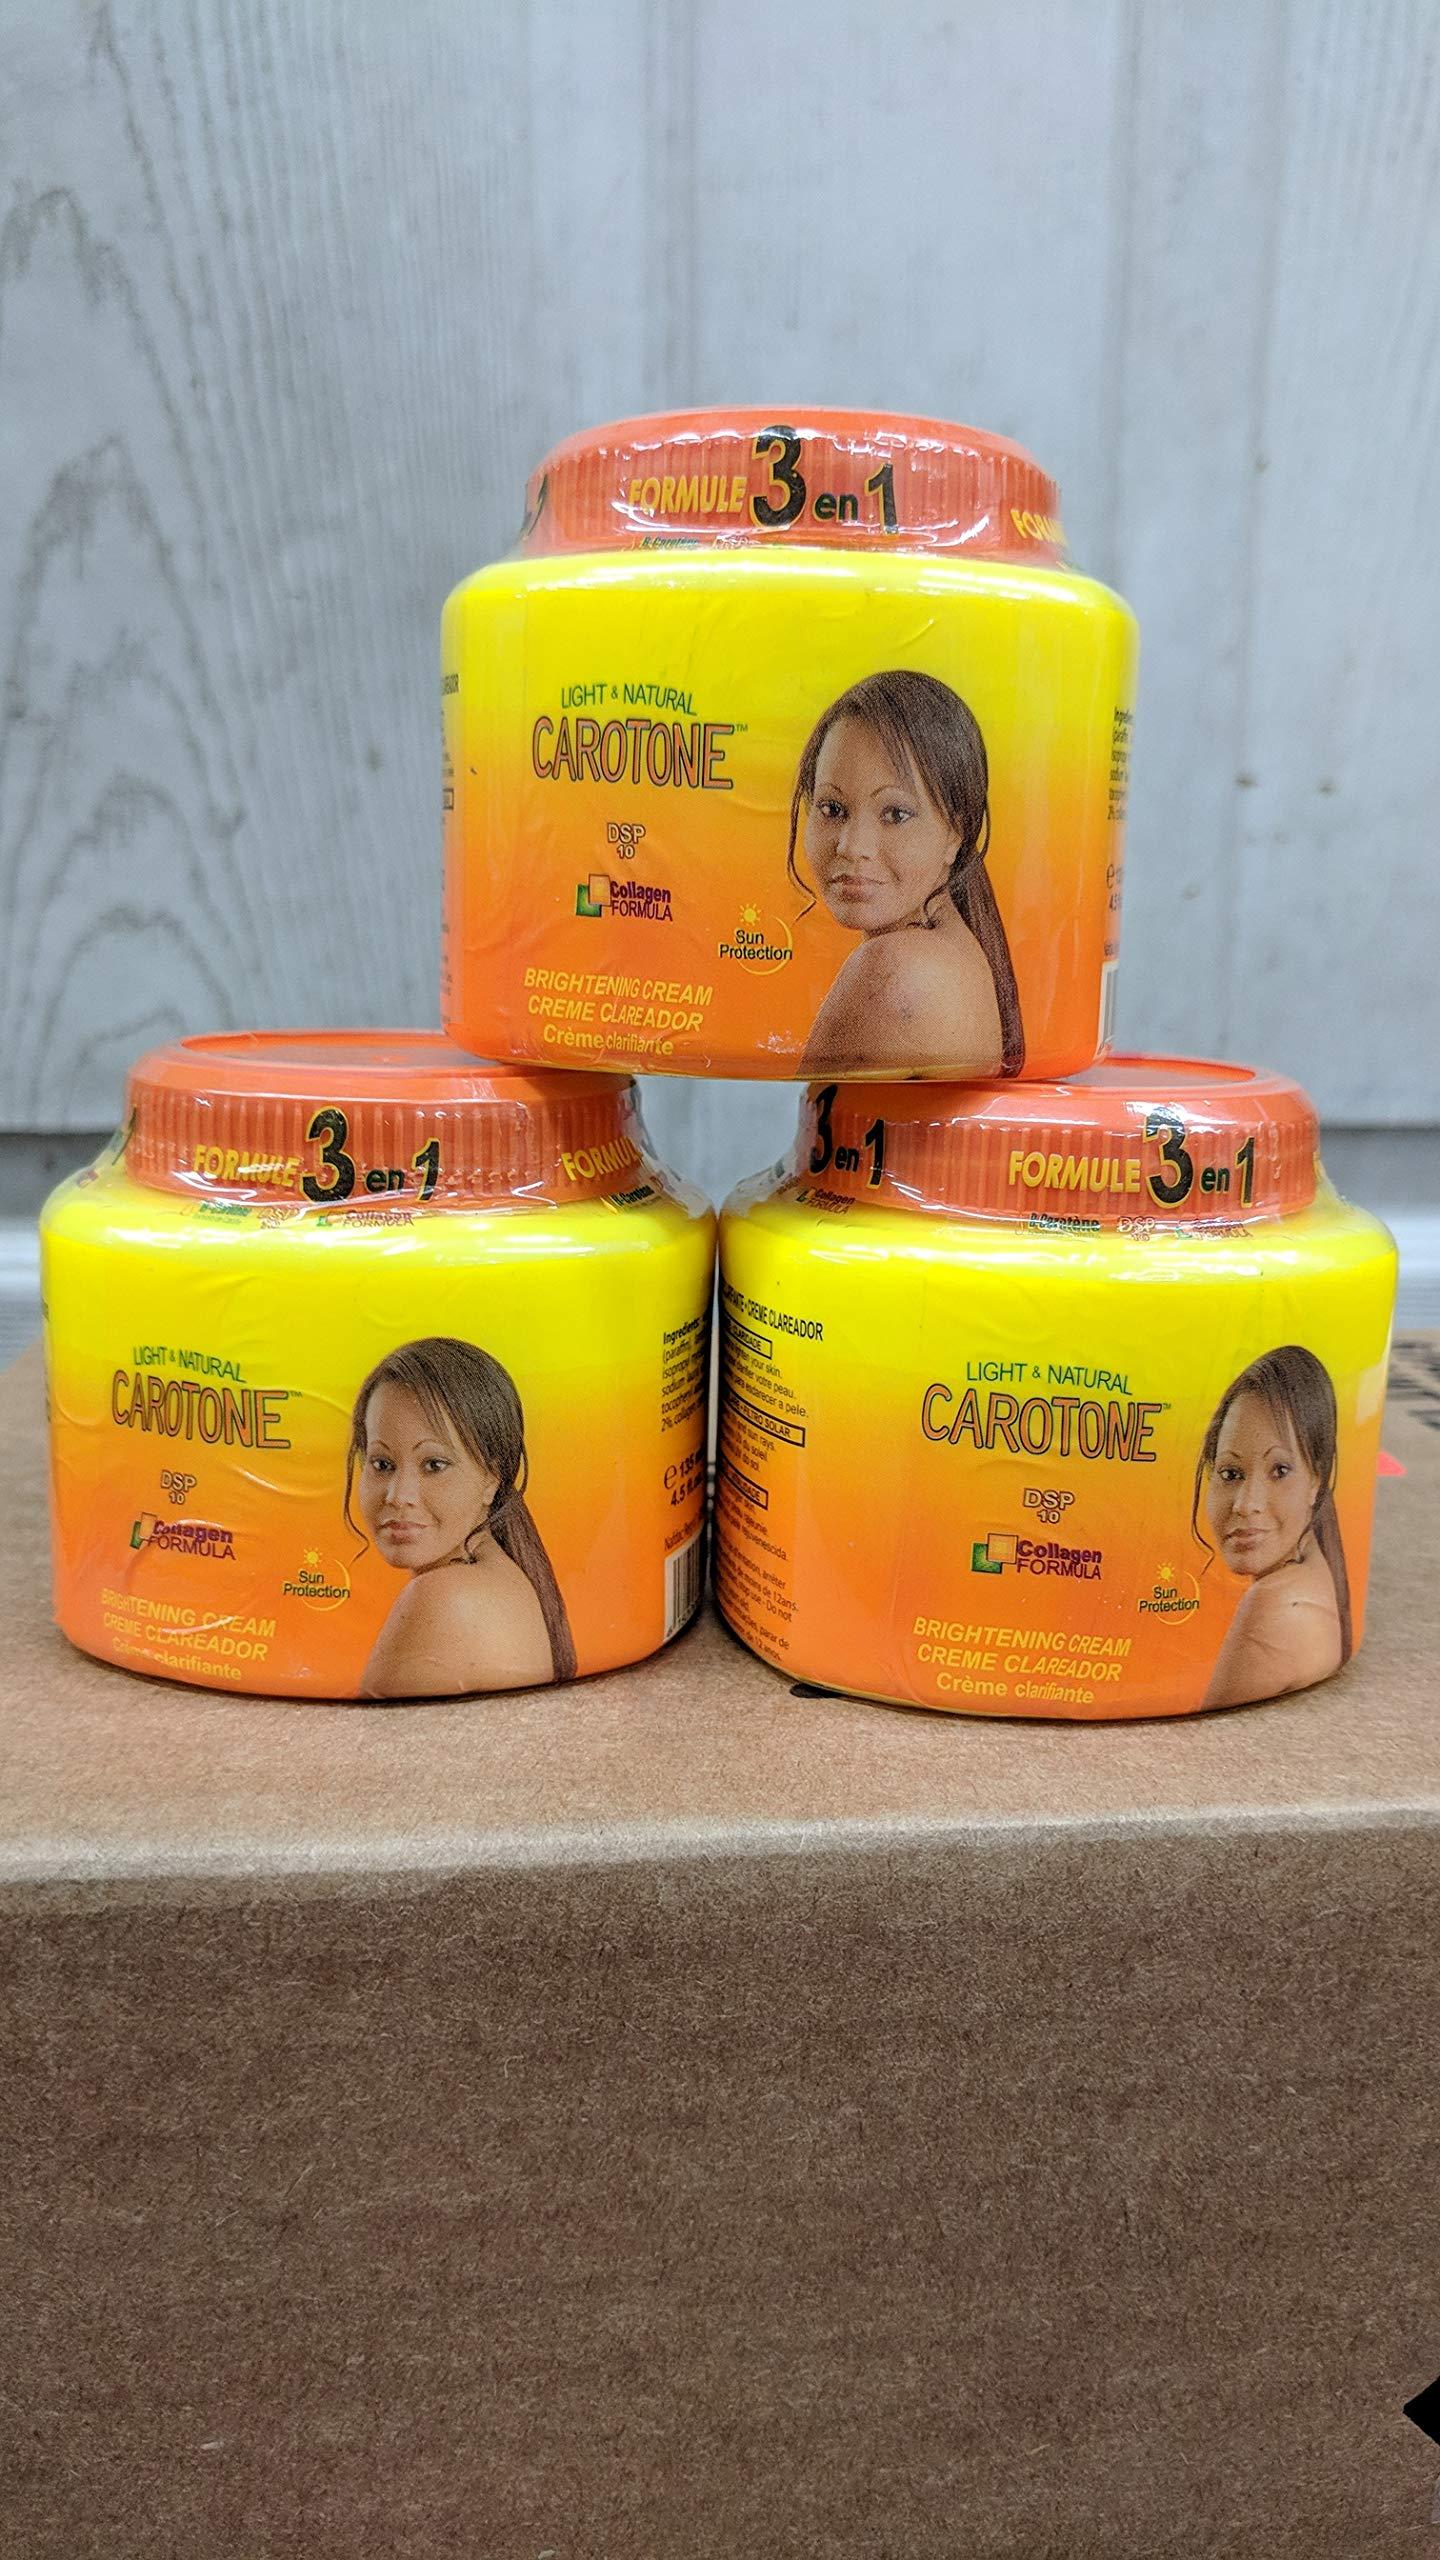 Carotone DSP10 Brightening Cream 135mlPACK OF 3